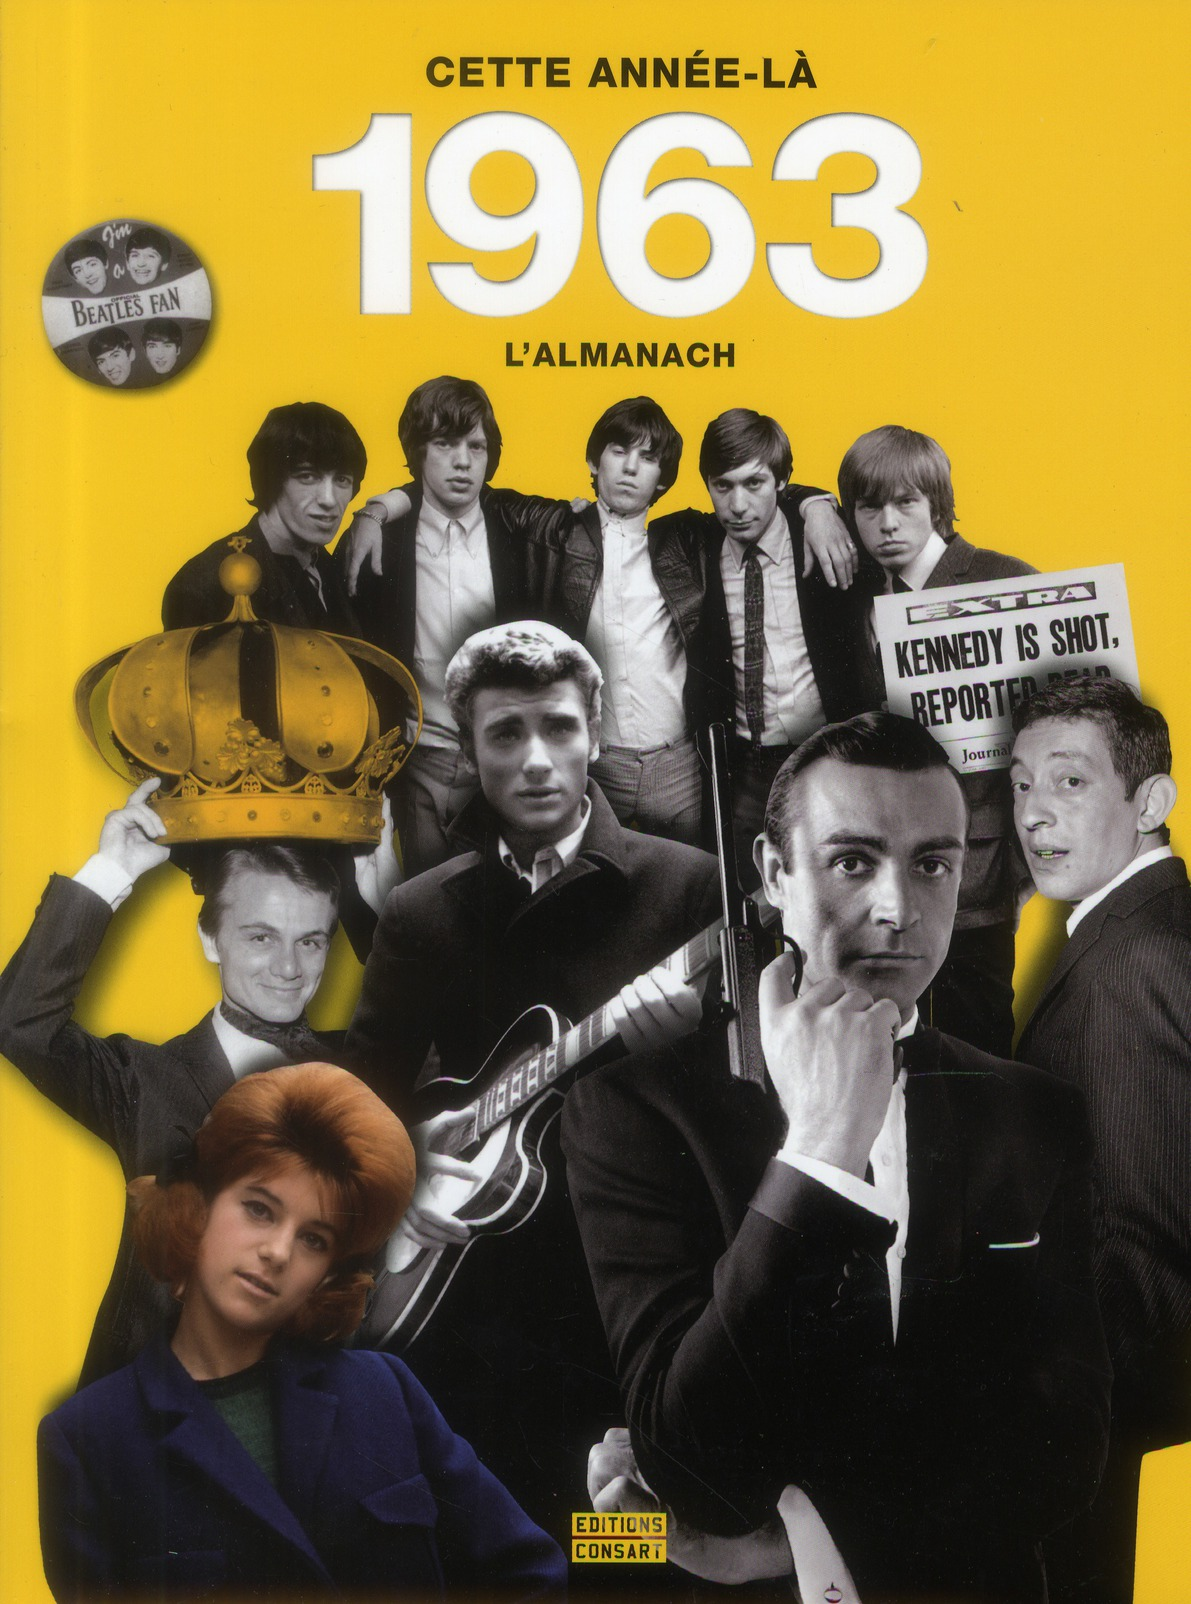 Cette année-là, 1963, l'almanach